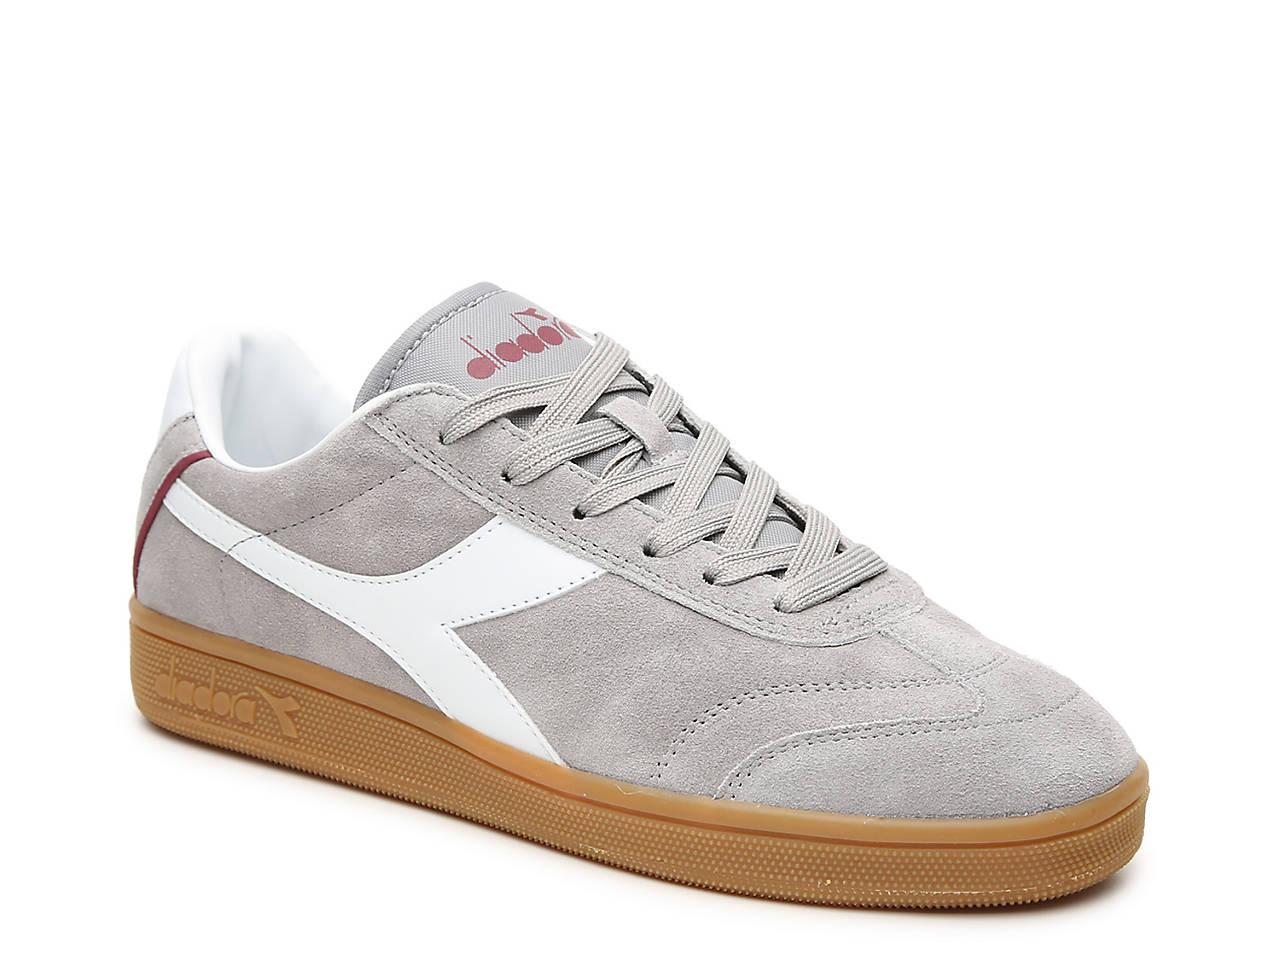 e98932bc21a63 Kick Sneaker - Men's